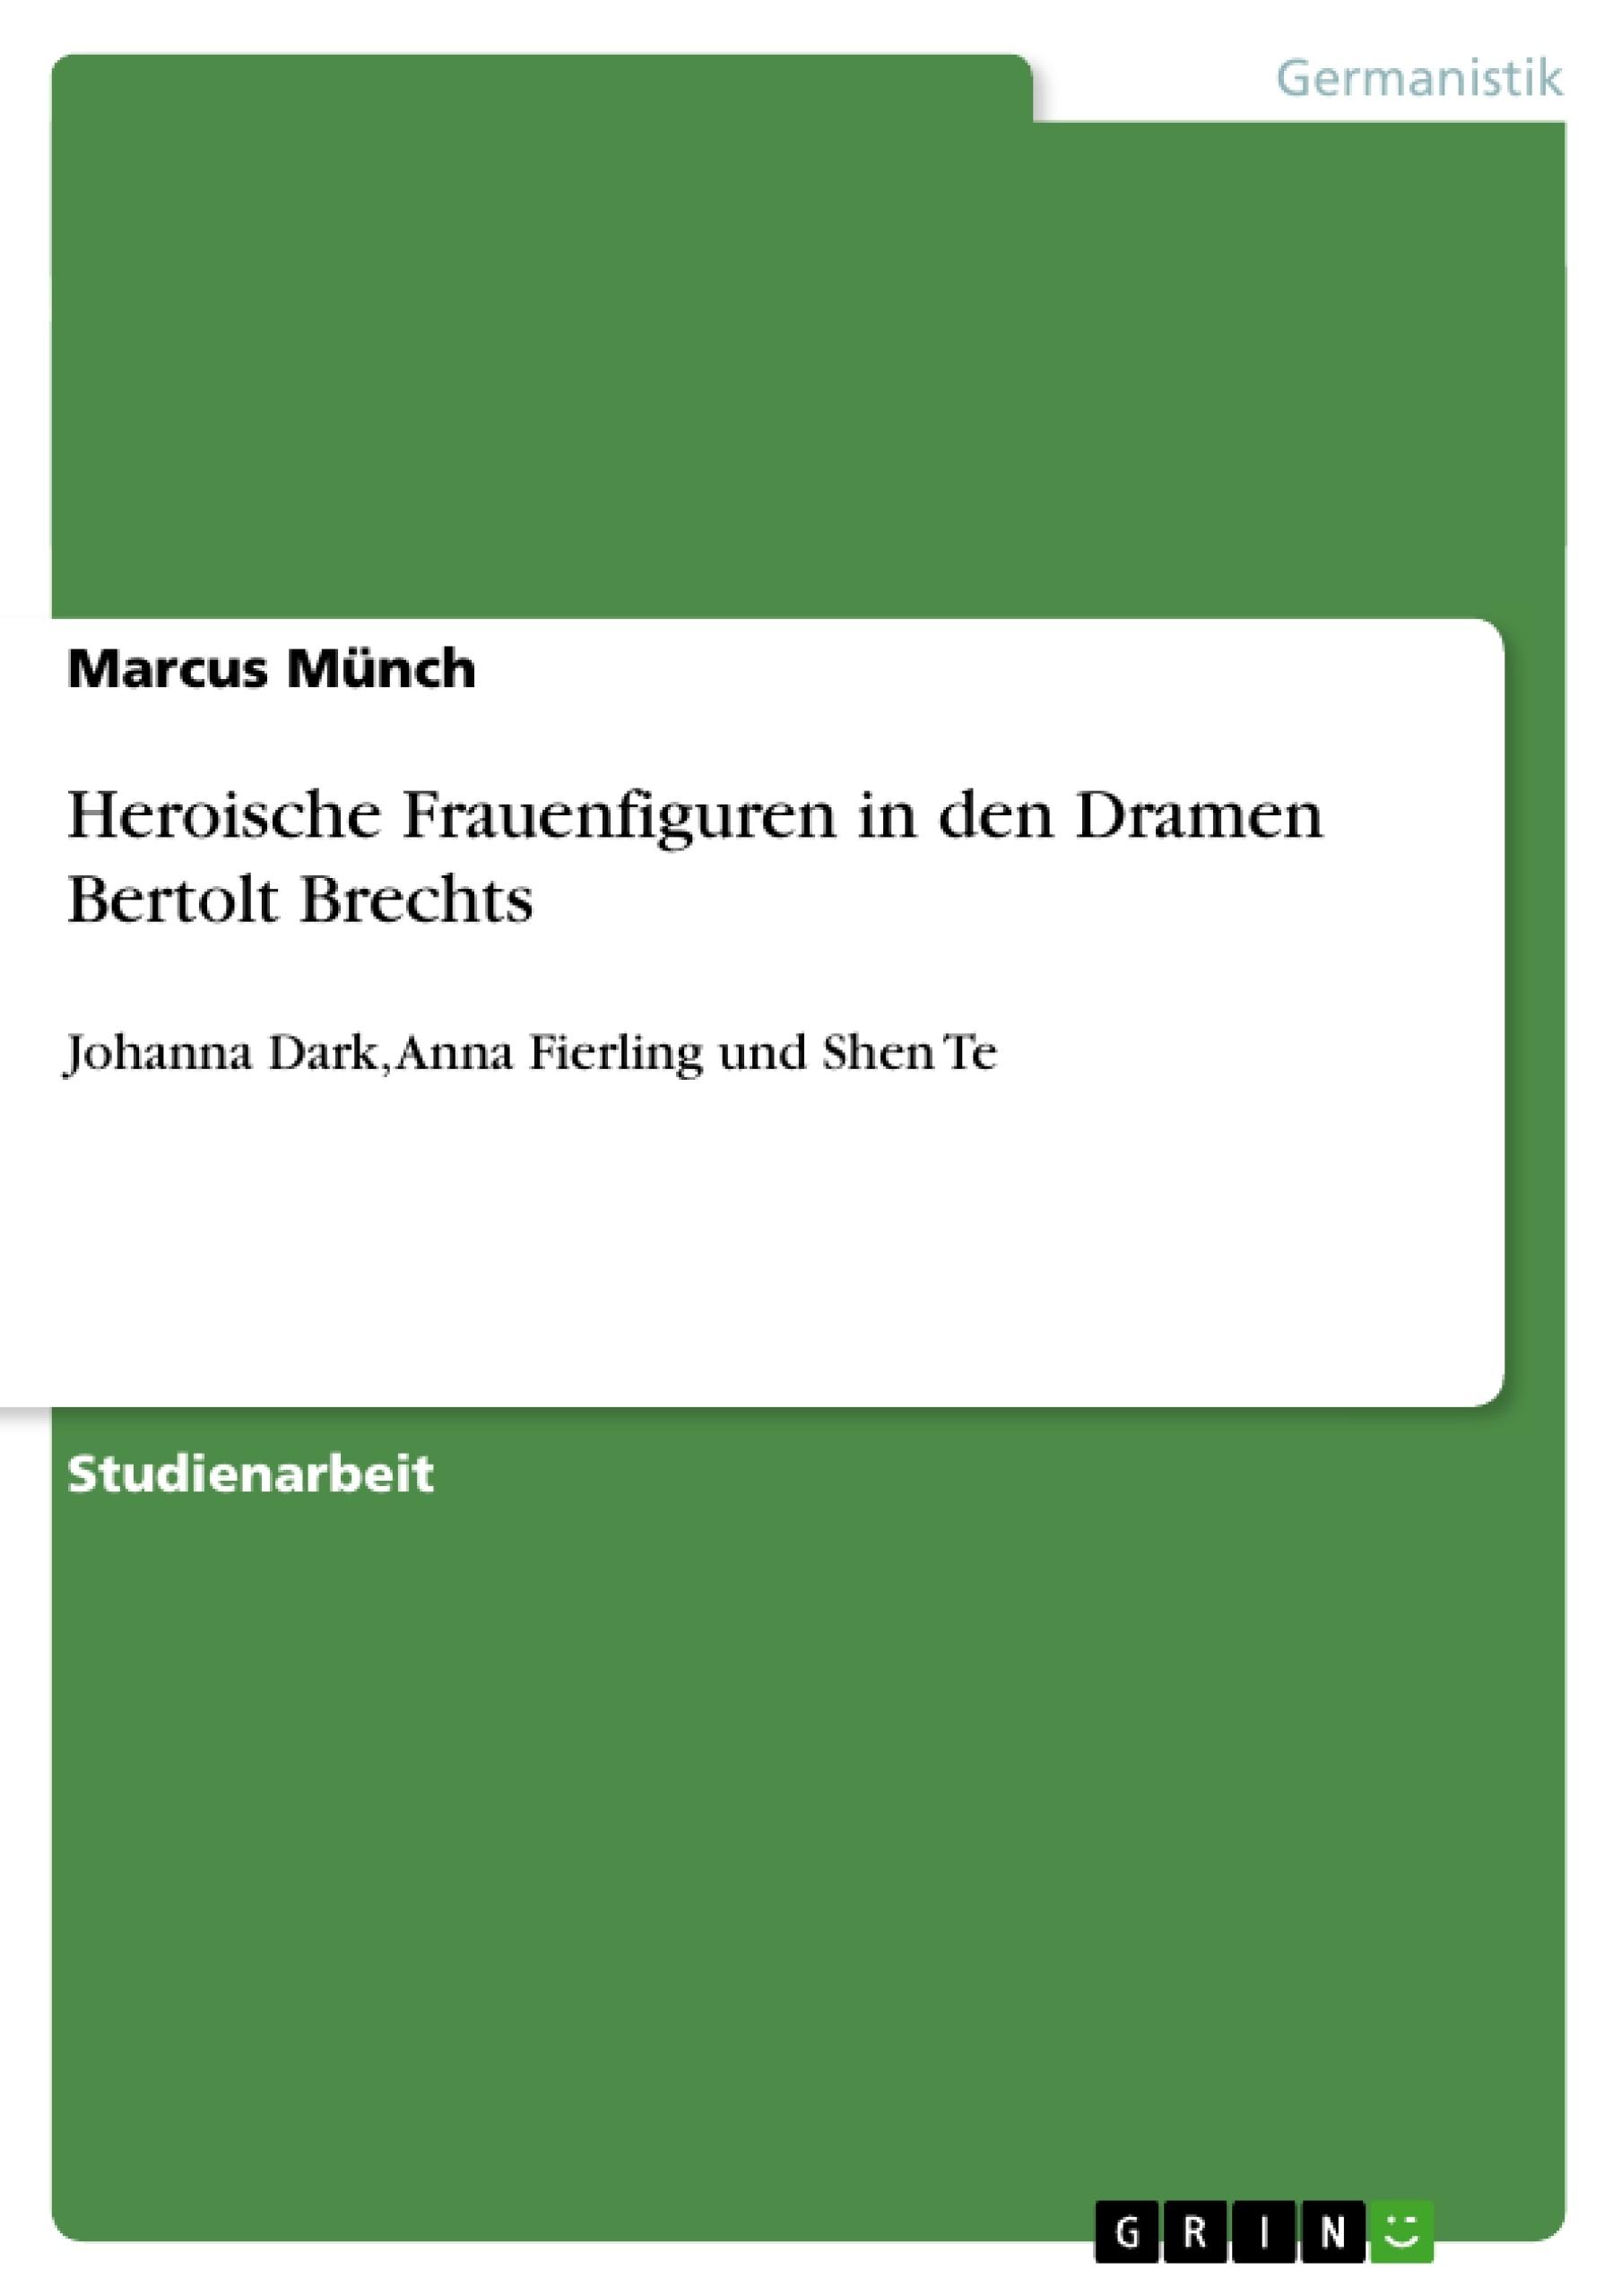 Titel: Heroische Frauenfiguren in den Dramen Bertolt Brechts